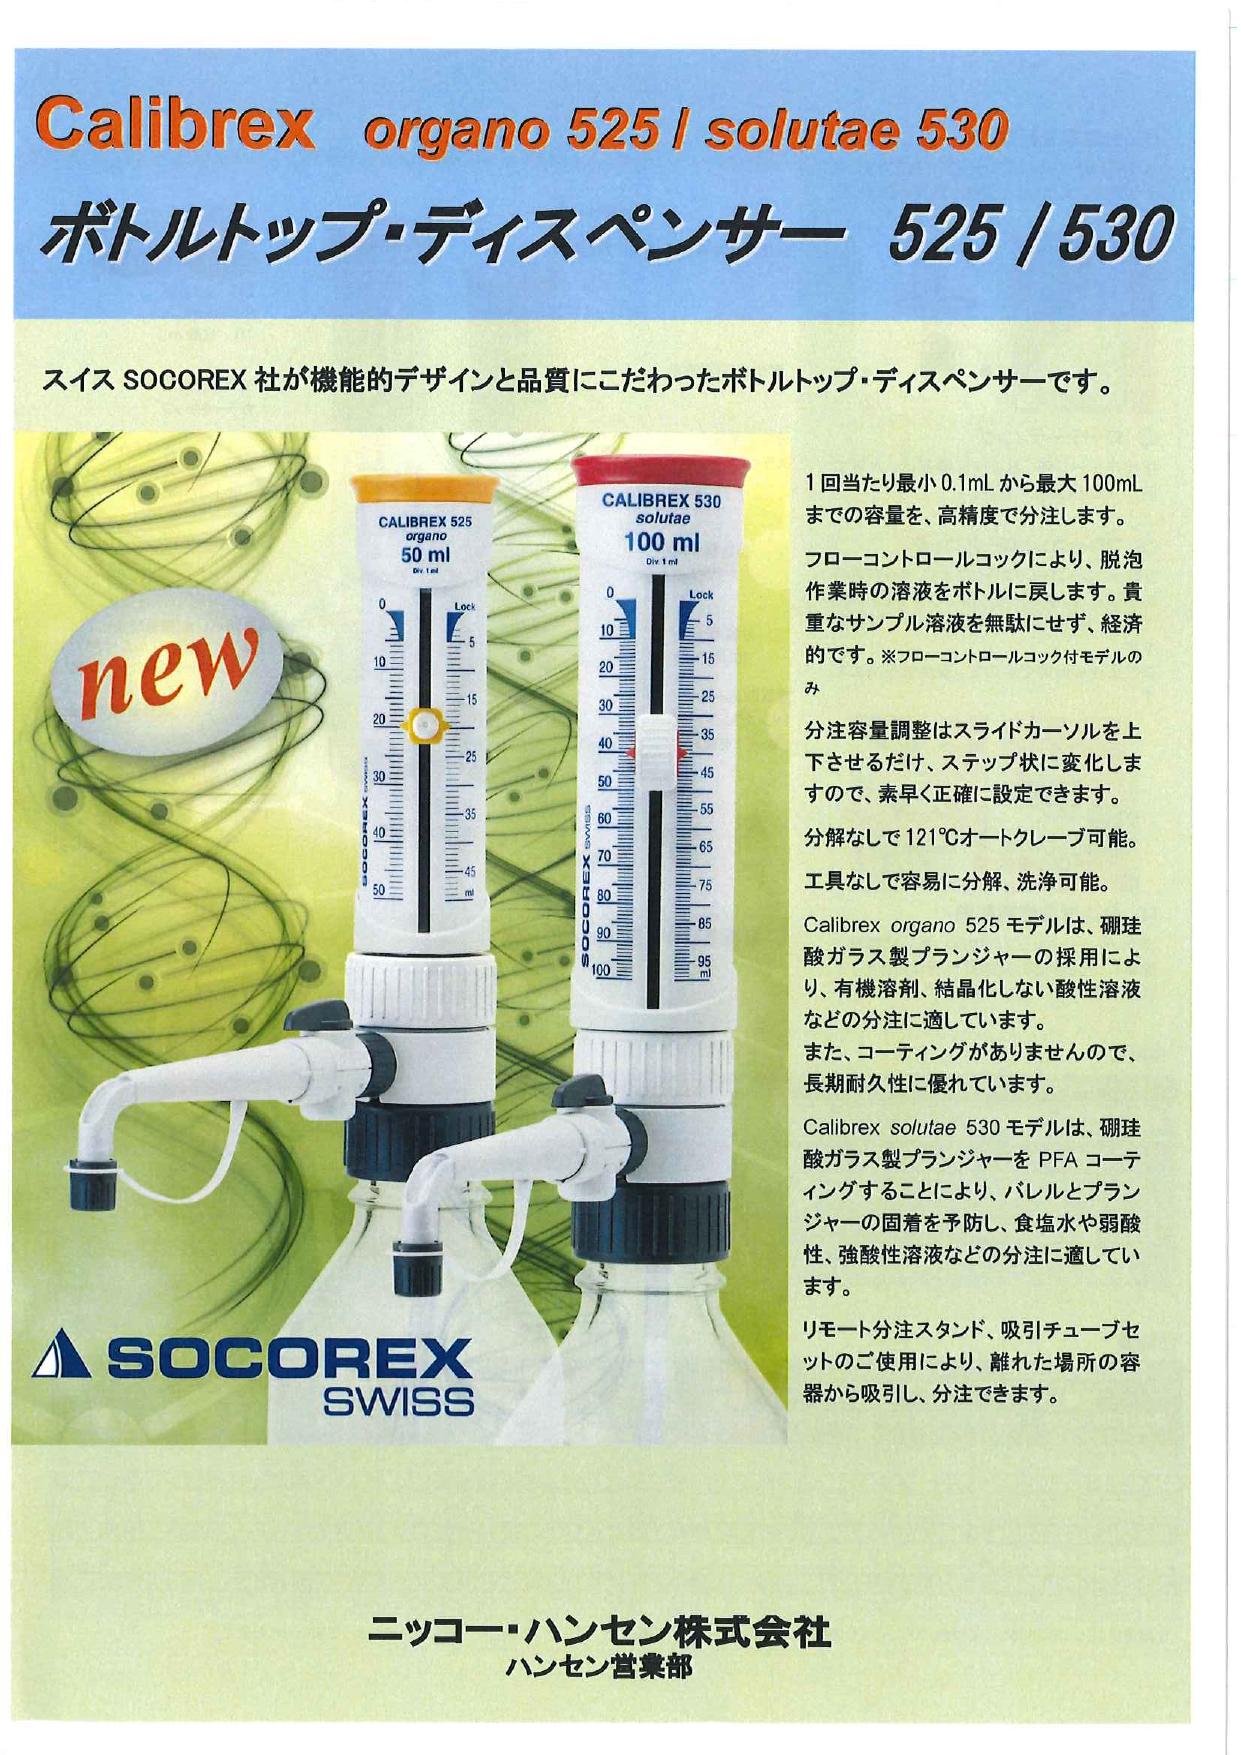 ボトルトップ・ディスペンサー Calibrex TM organo / solutae